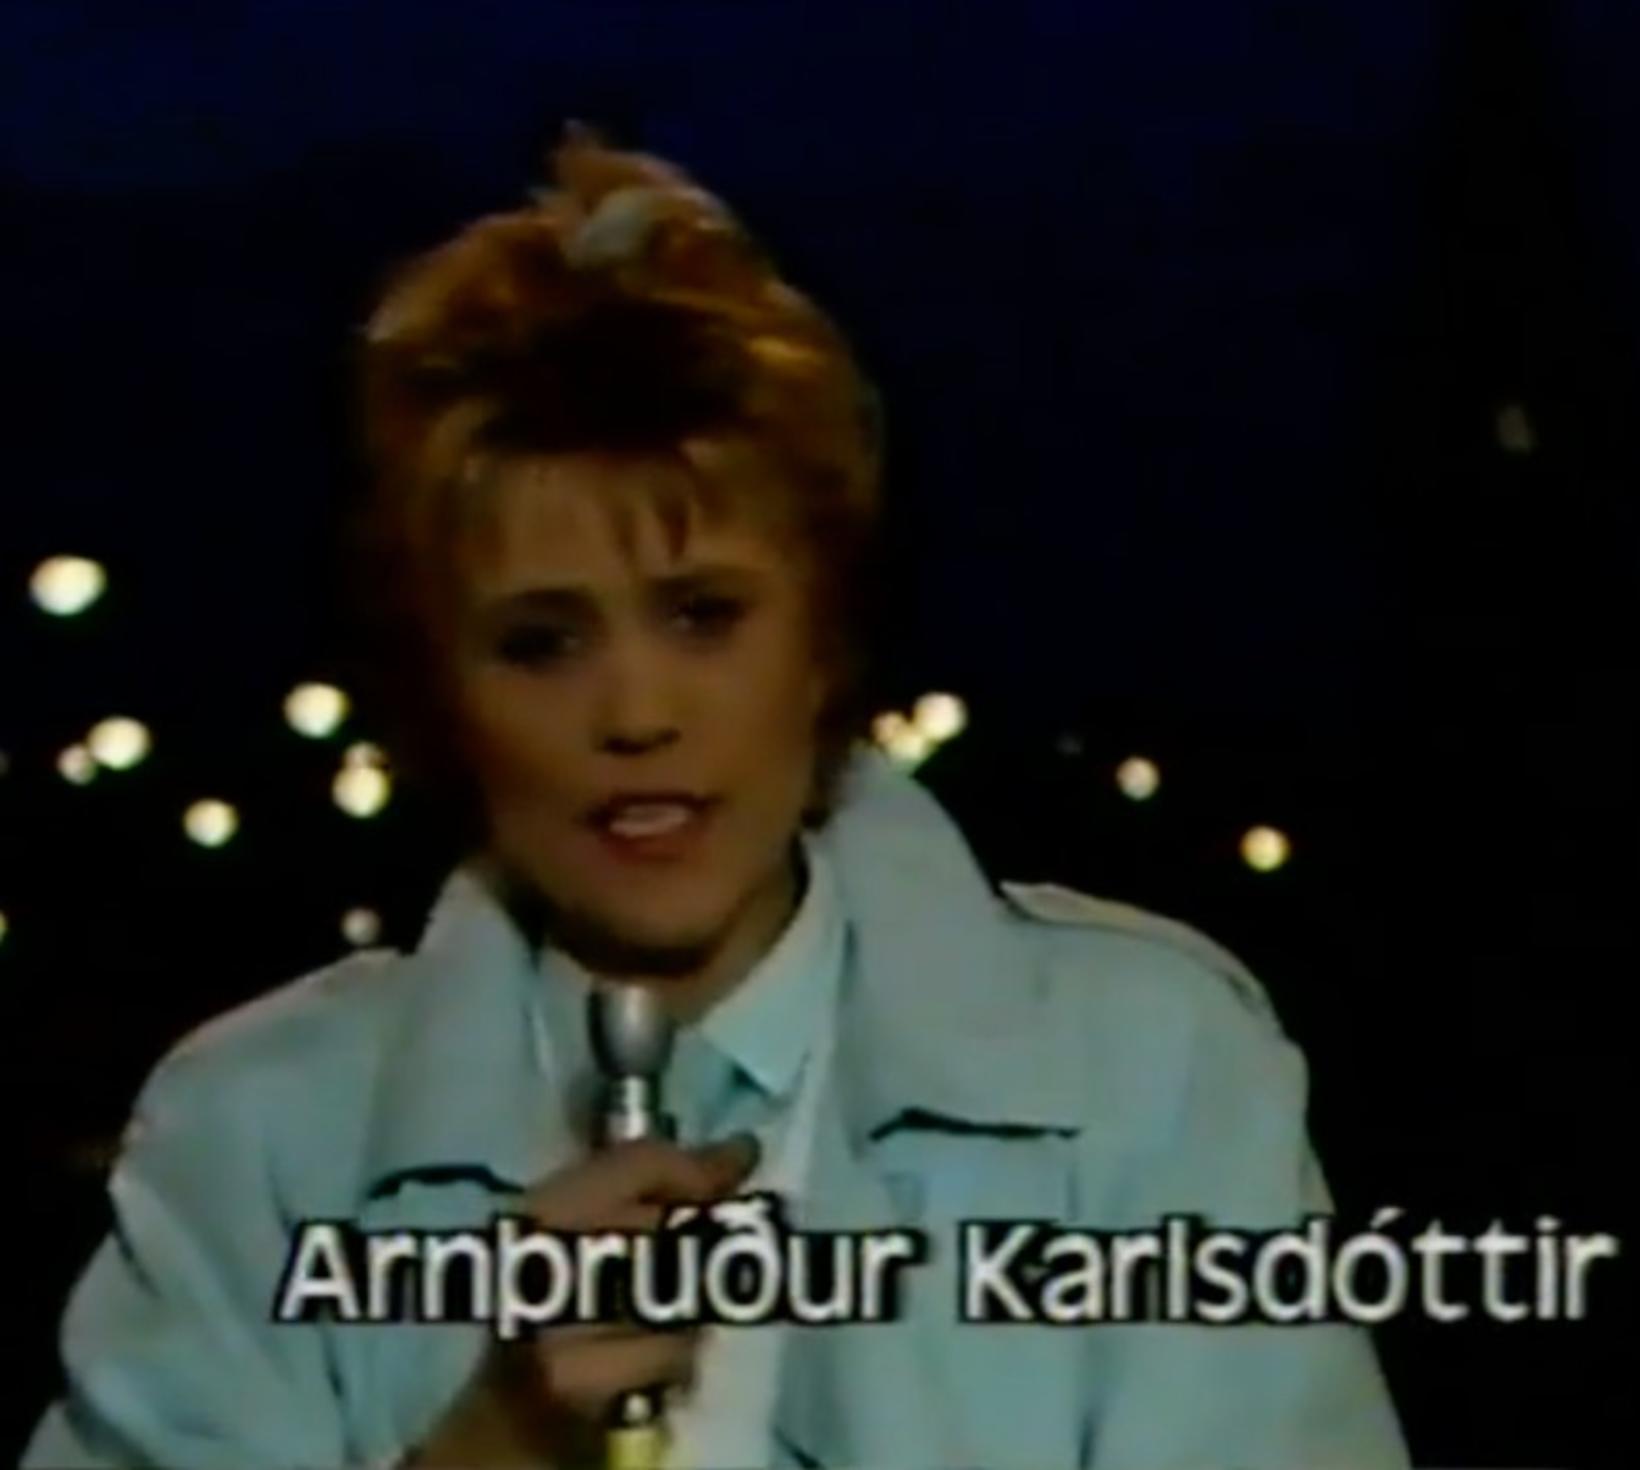 Arnþrúður Karlsdóttir, útvarpsstjóri Útvarps Sögu, var á fréttavakt Ríkisútvarpsins í …